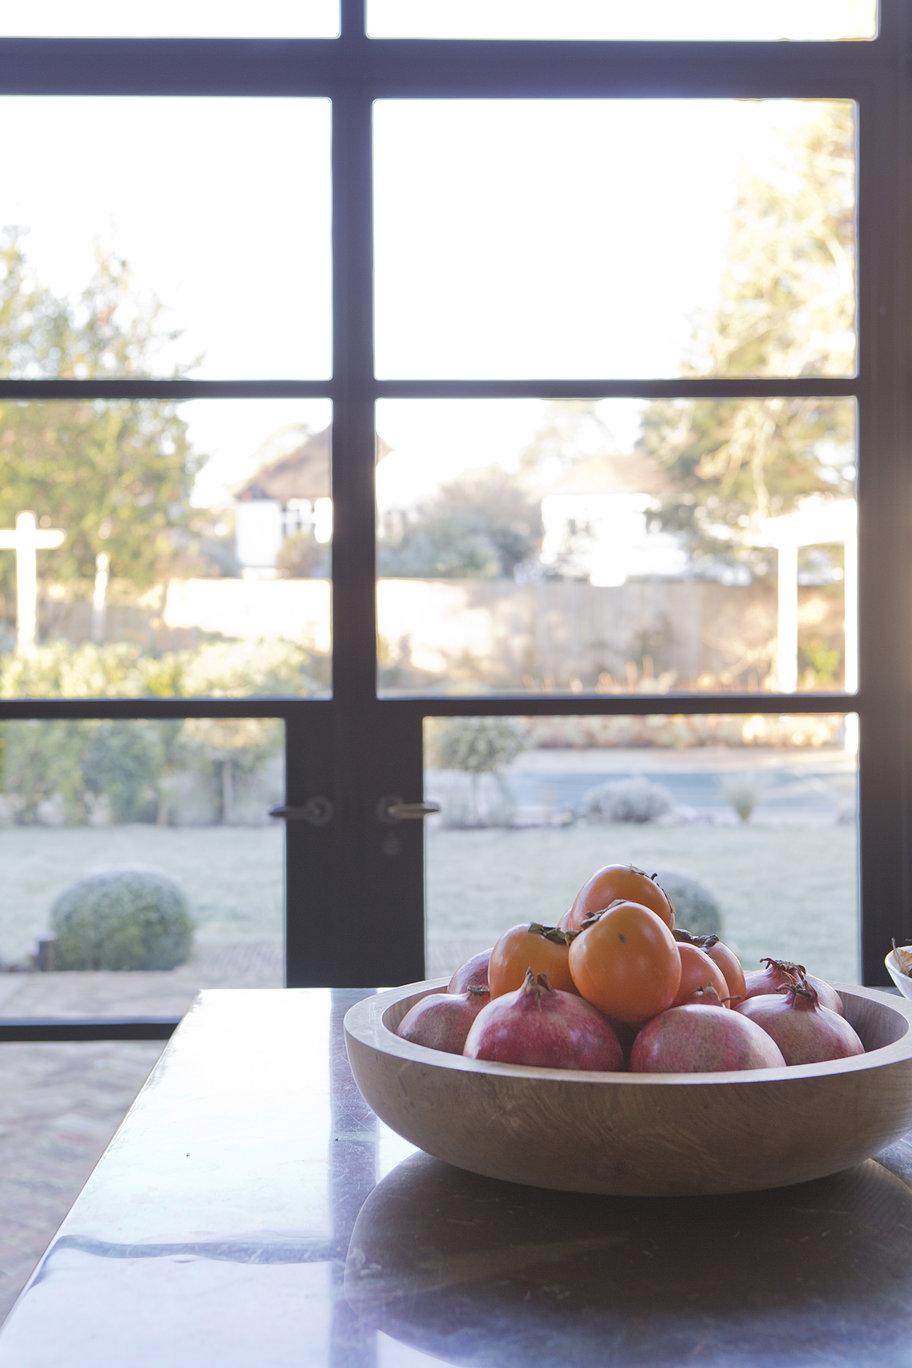 kitchenfruitbowl.jpg